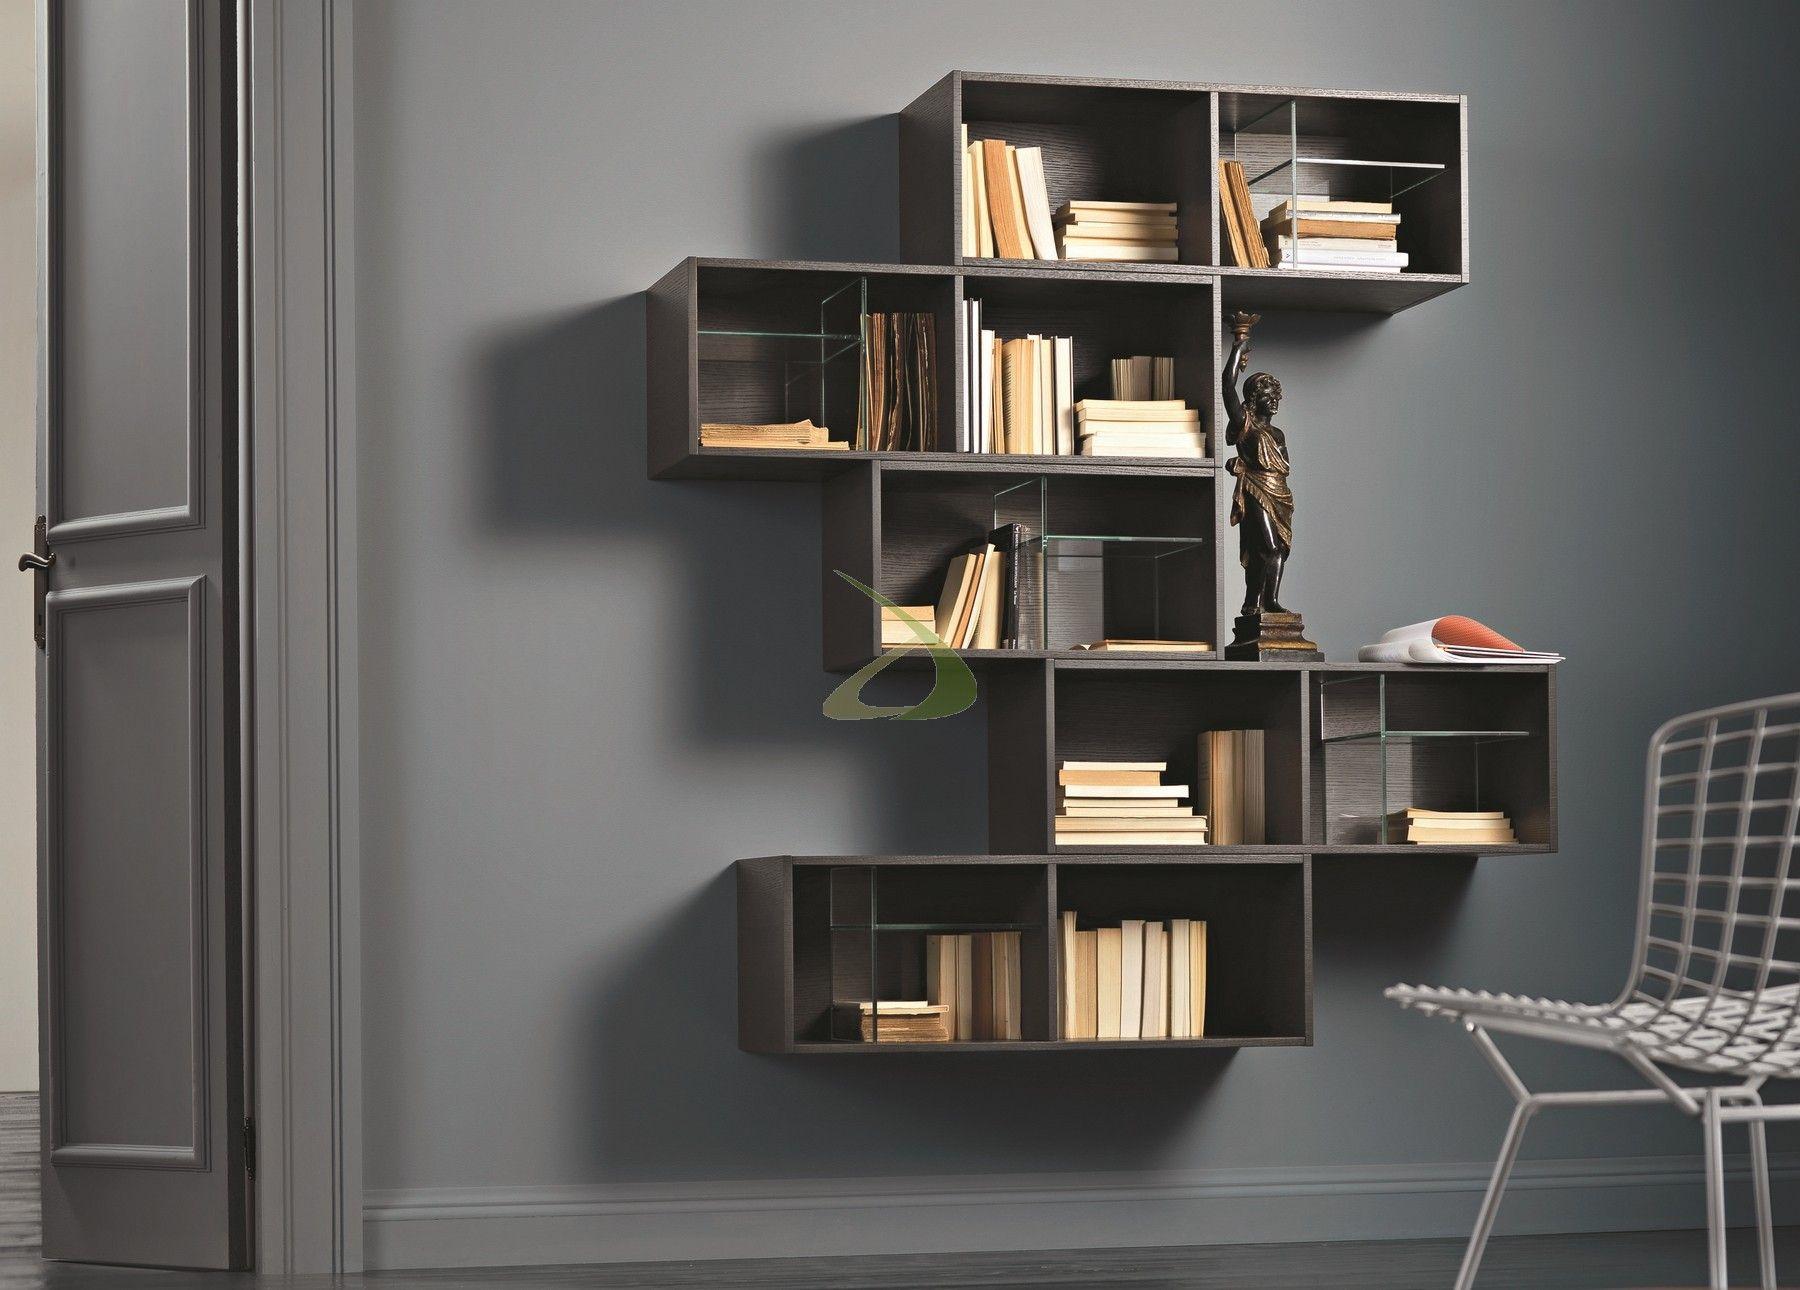 Arredamento libreria ~ Mobile libreria sospesa iles arredo design online home pinterest